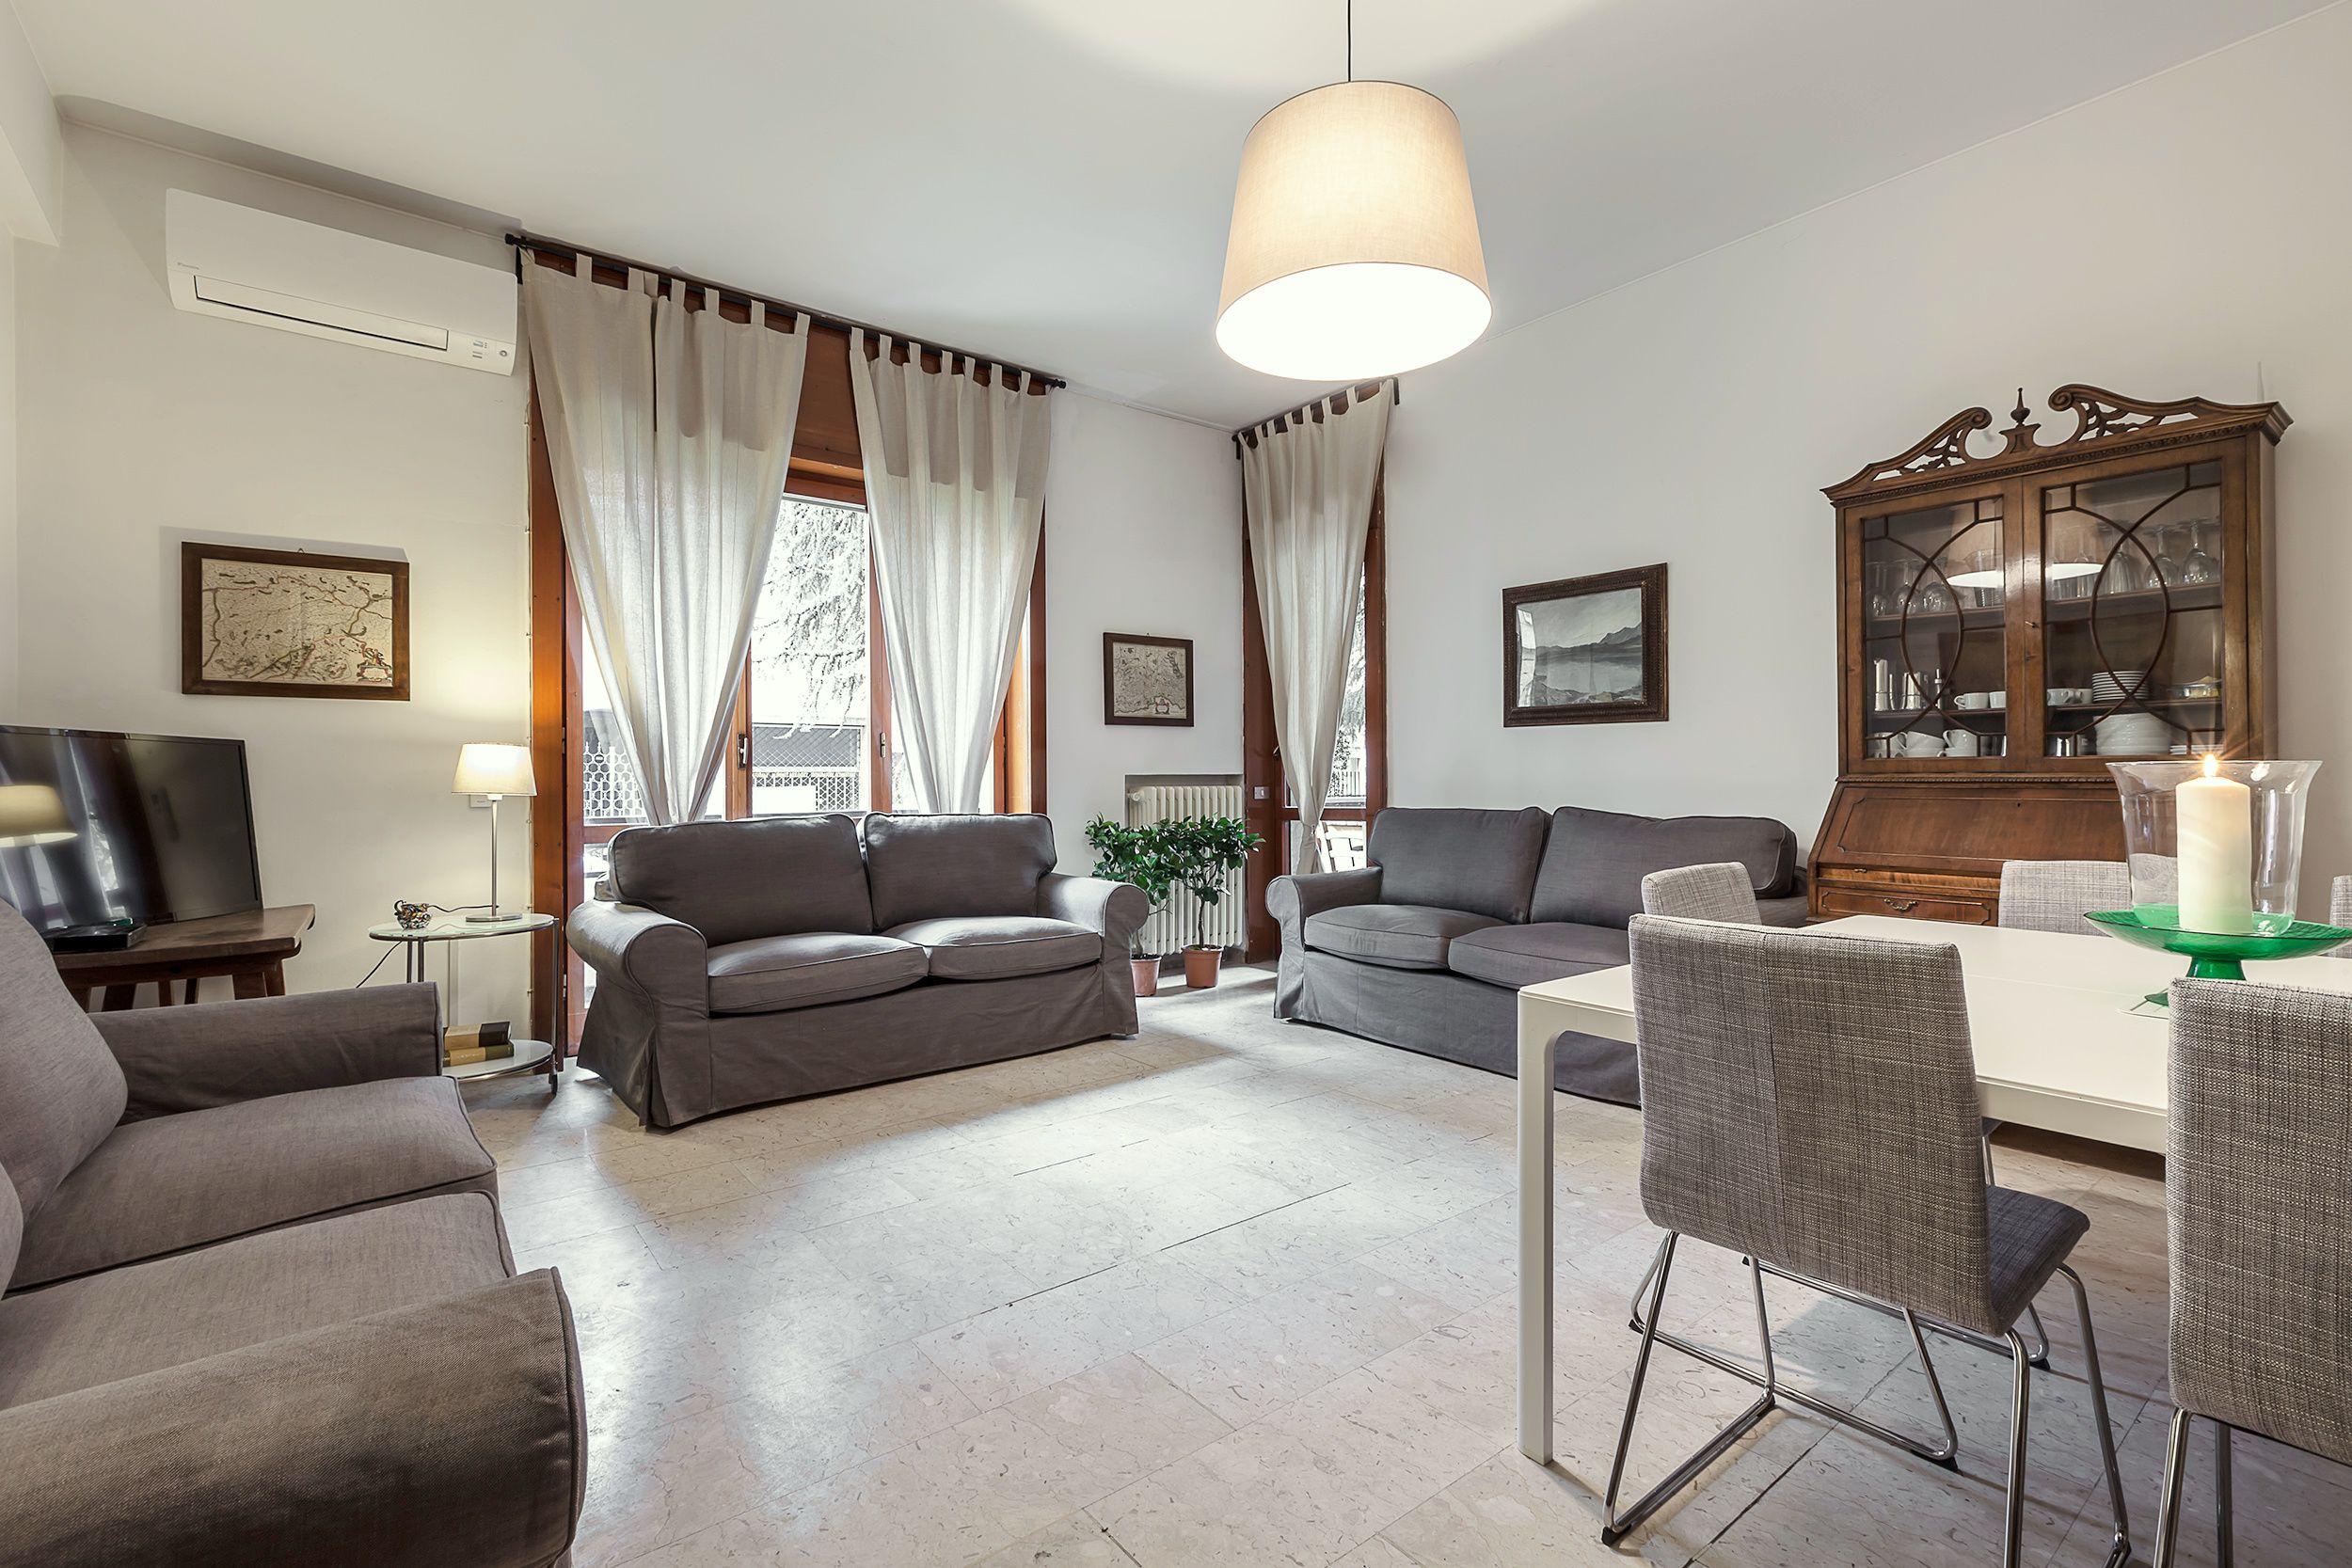 Un'accogliente e grande casa in affitto per brevi periodi